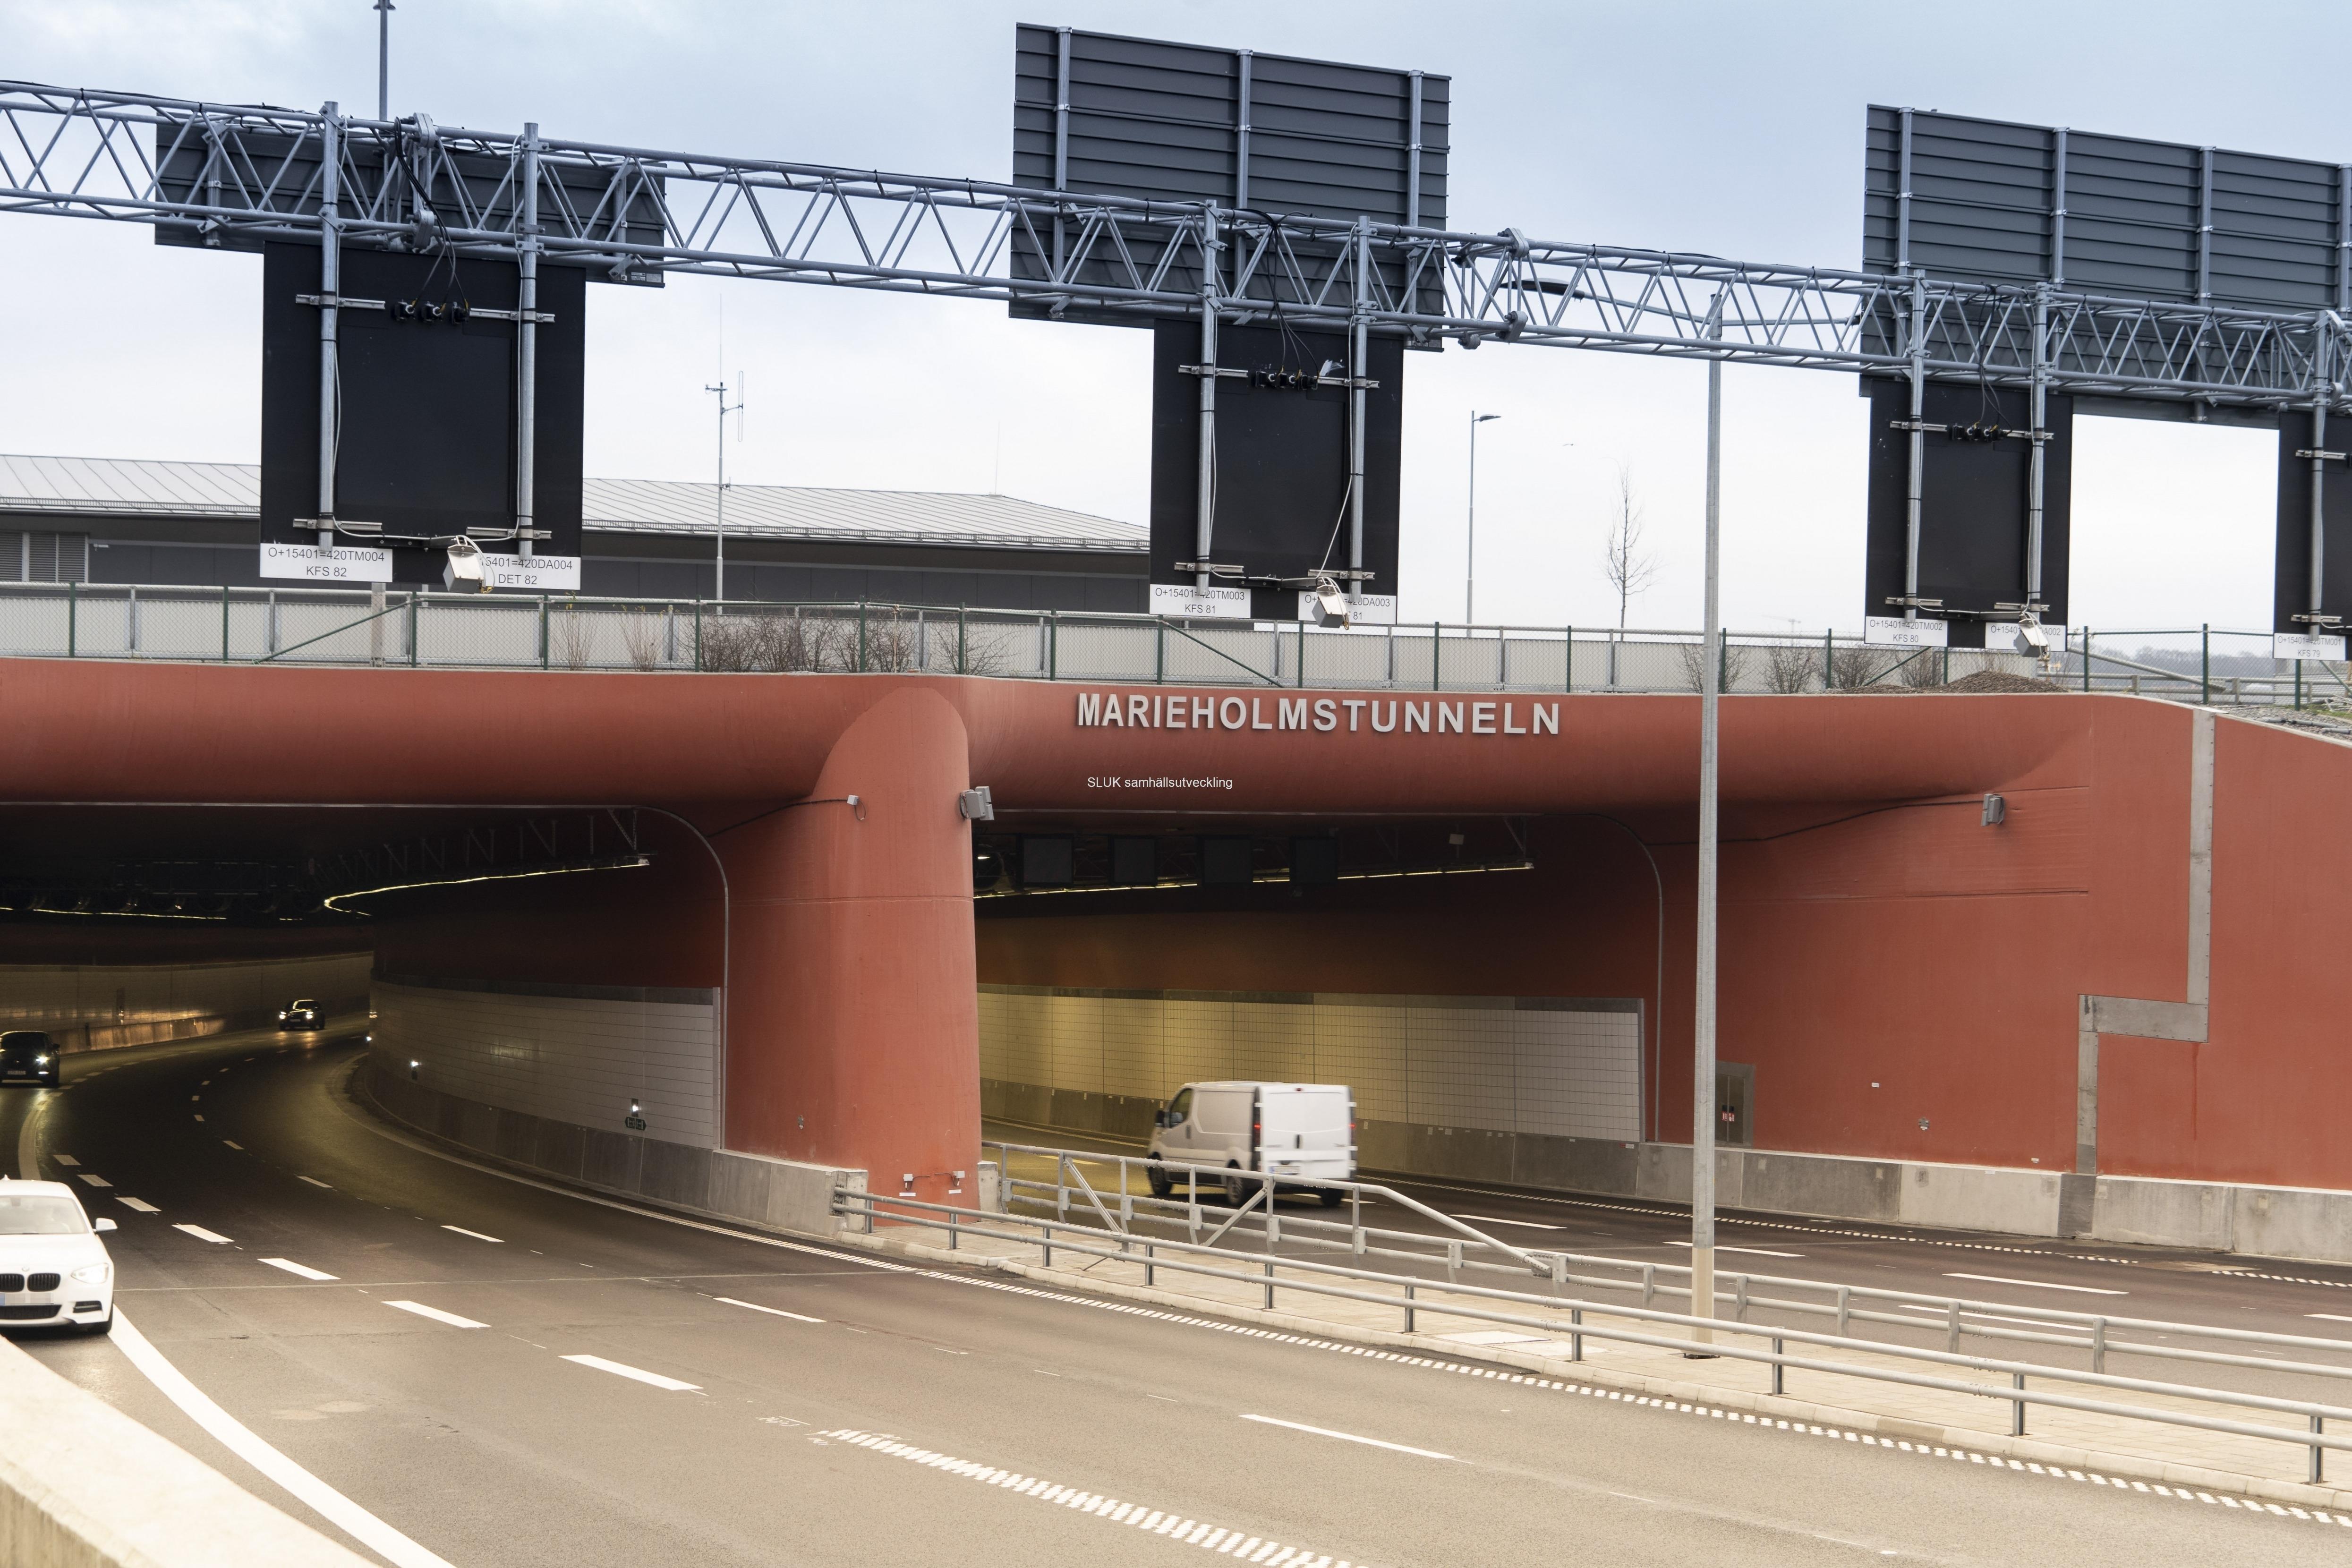 Marieholmstunneln öppnades för trafik i onsdags, den 16 december. Den är belägen norr om Tingstadstunneln och kommer att avlasta den med ca 50 000 fordon per dygn.